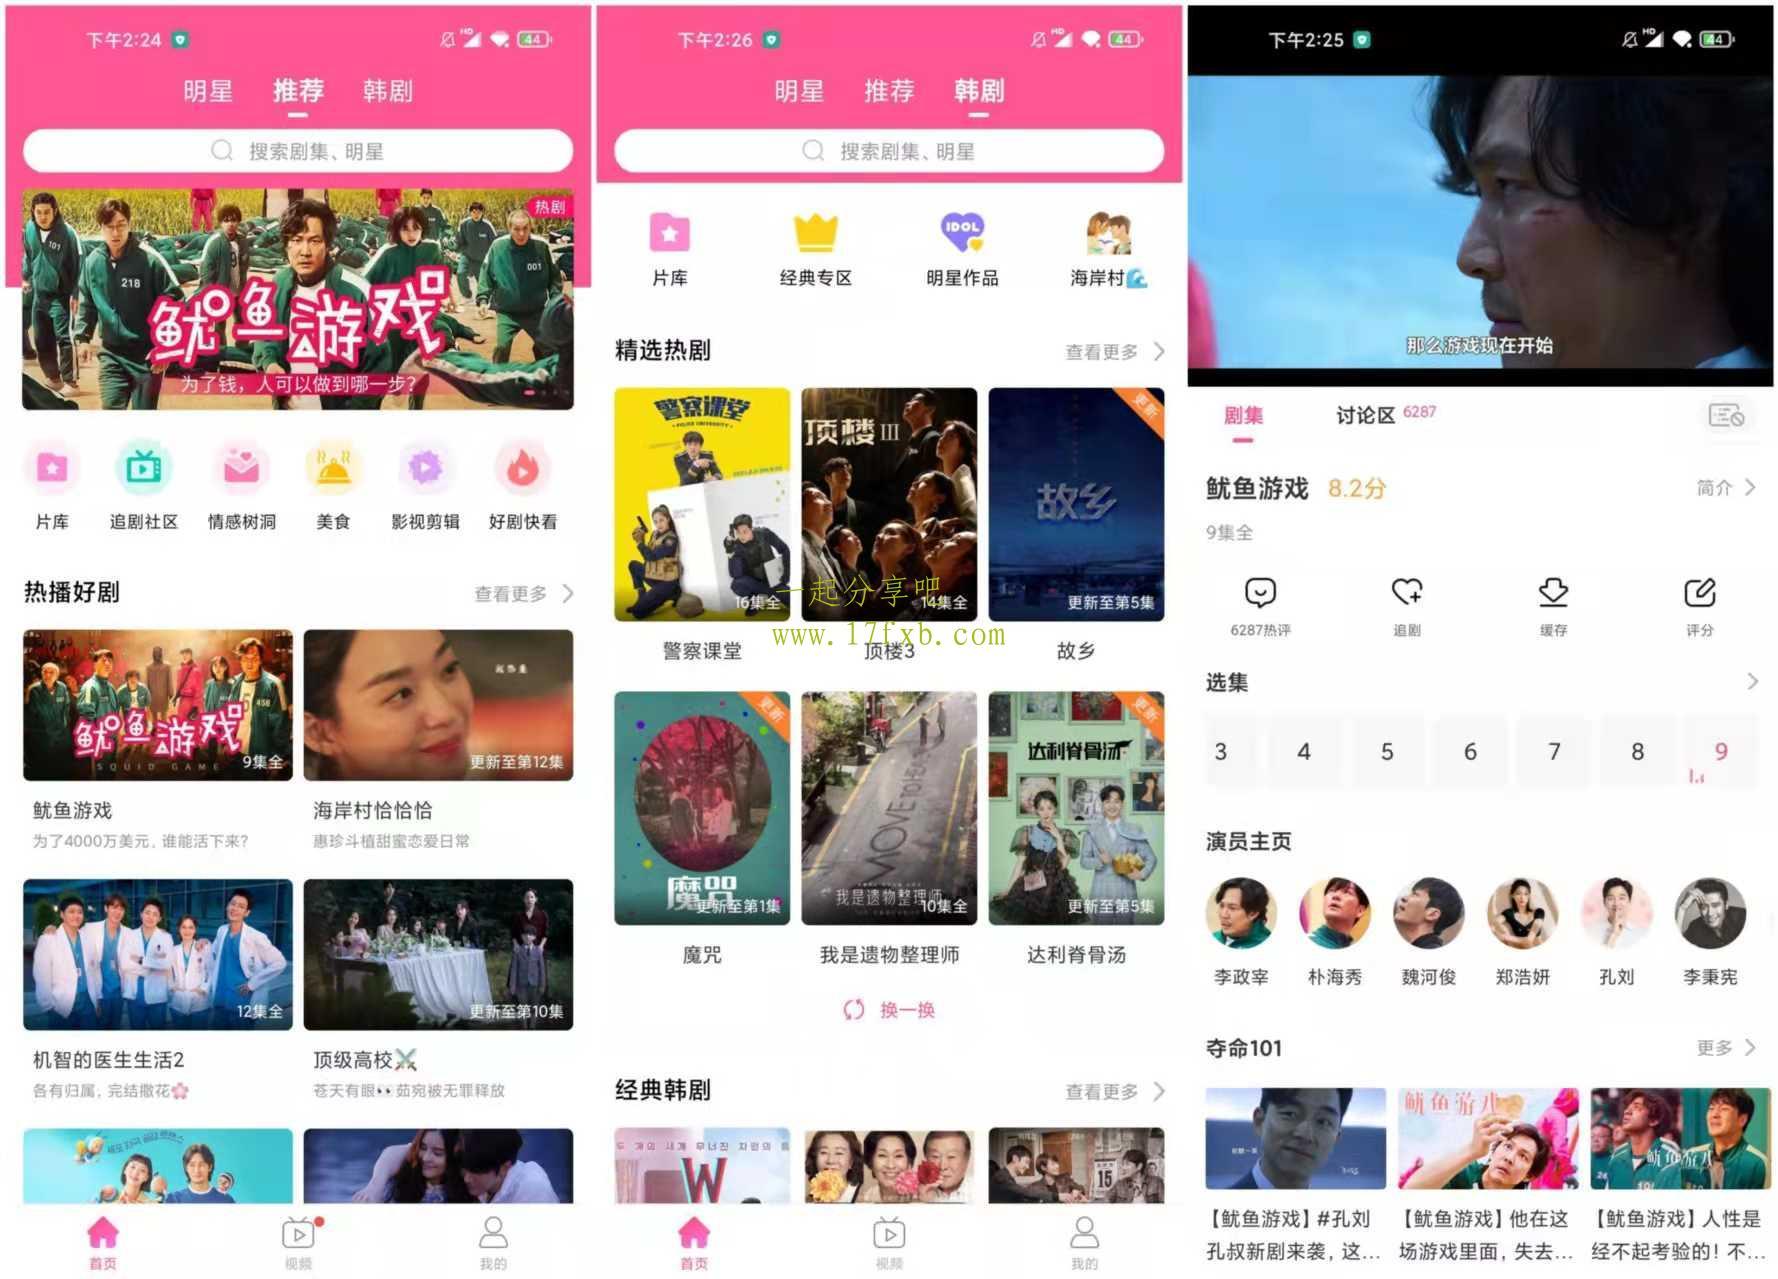 韩剧TV v5.8 纯净版 免费看最近超火的韩剧/英剧/泰剧 第1张